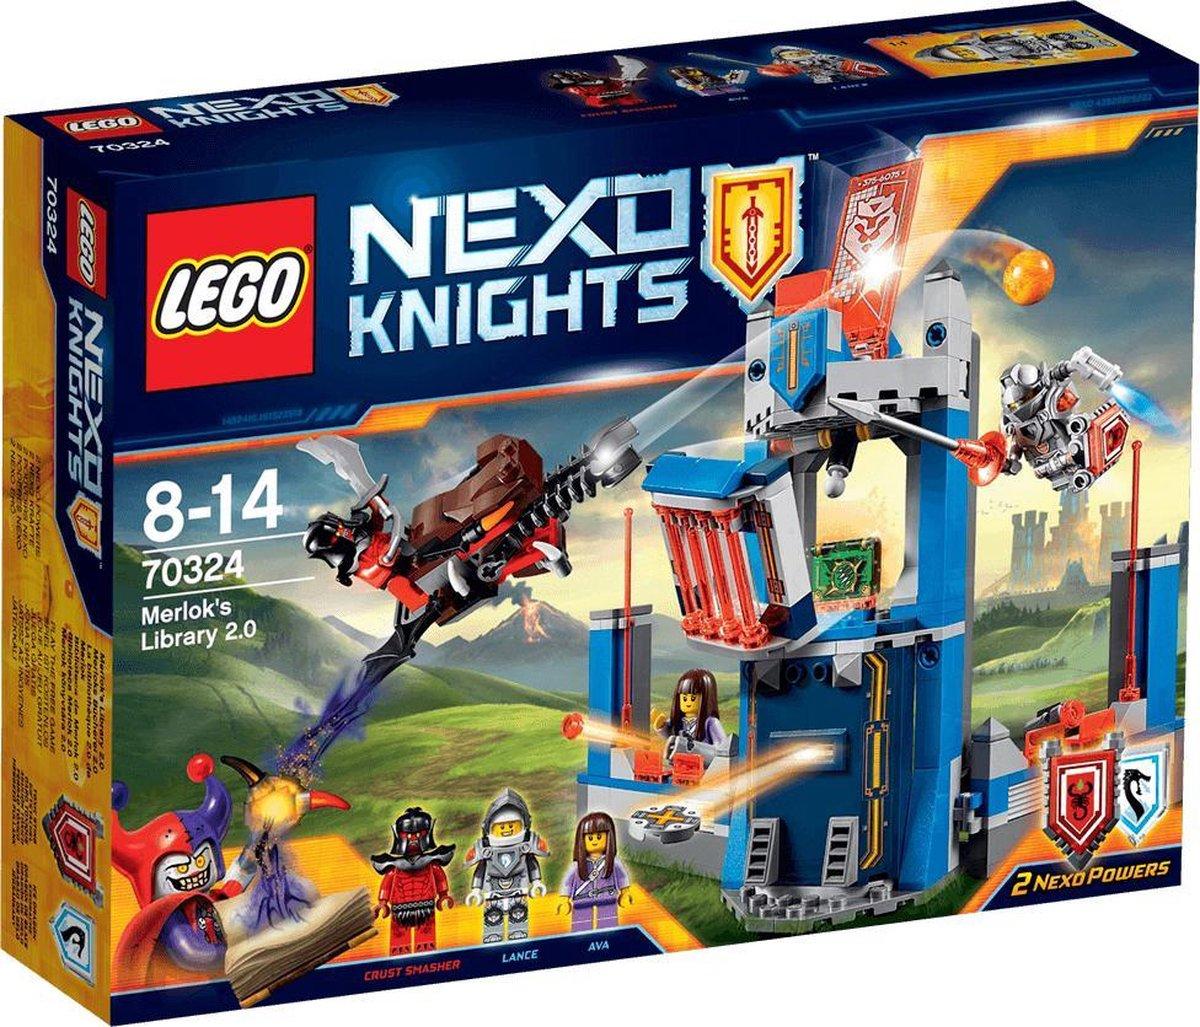 LEGO NEXO KNIGHTS Merloks